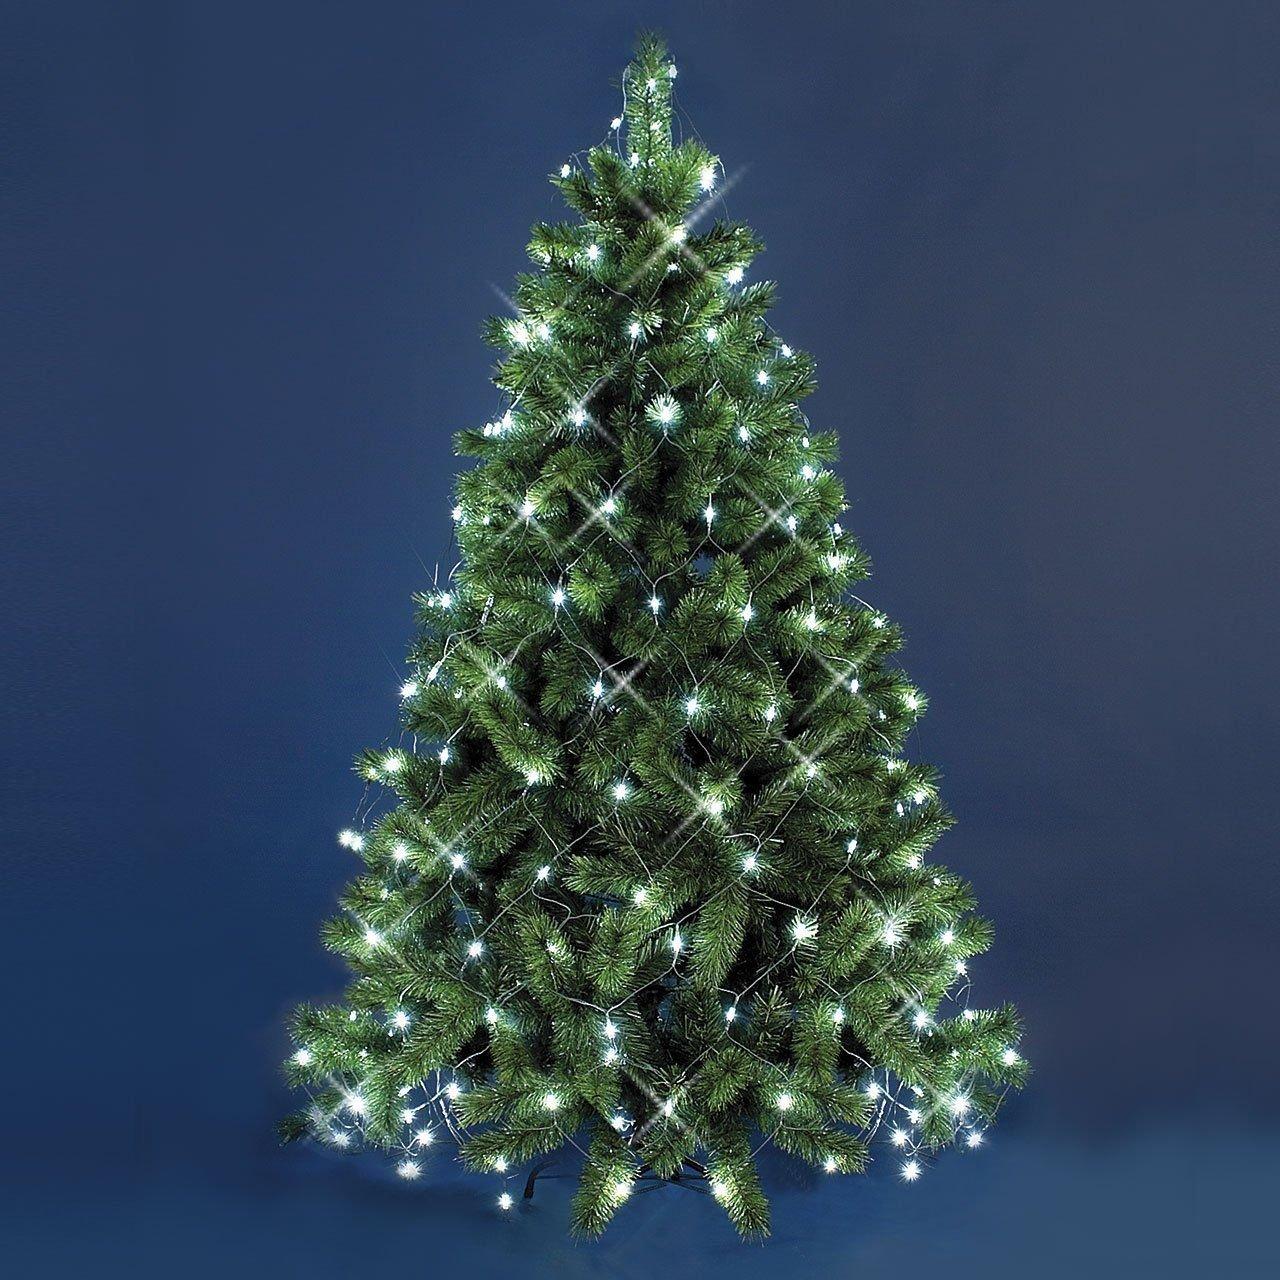 Mantello di luci per Albero di Natale 3,8 x h. 2 m, 195 LED Bianco Caldo, Cavo Verde, Decorazione Albero, luci per Albero Luminalpark Lottiimportex